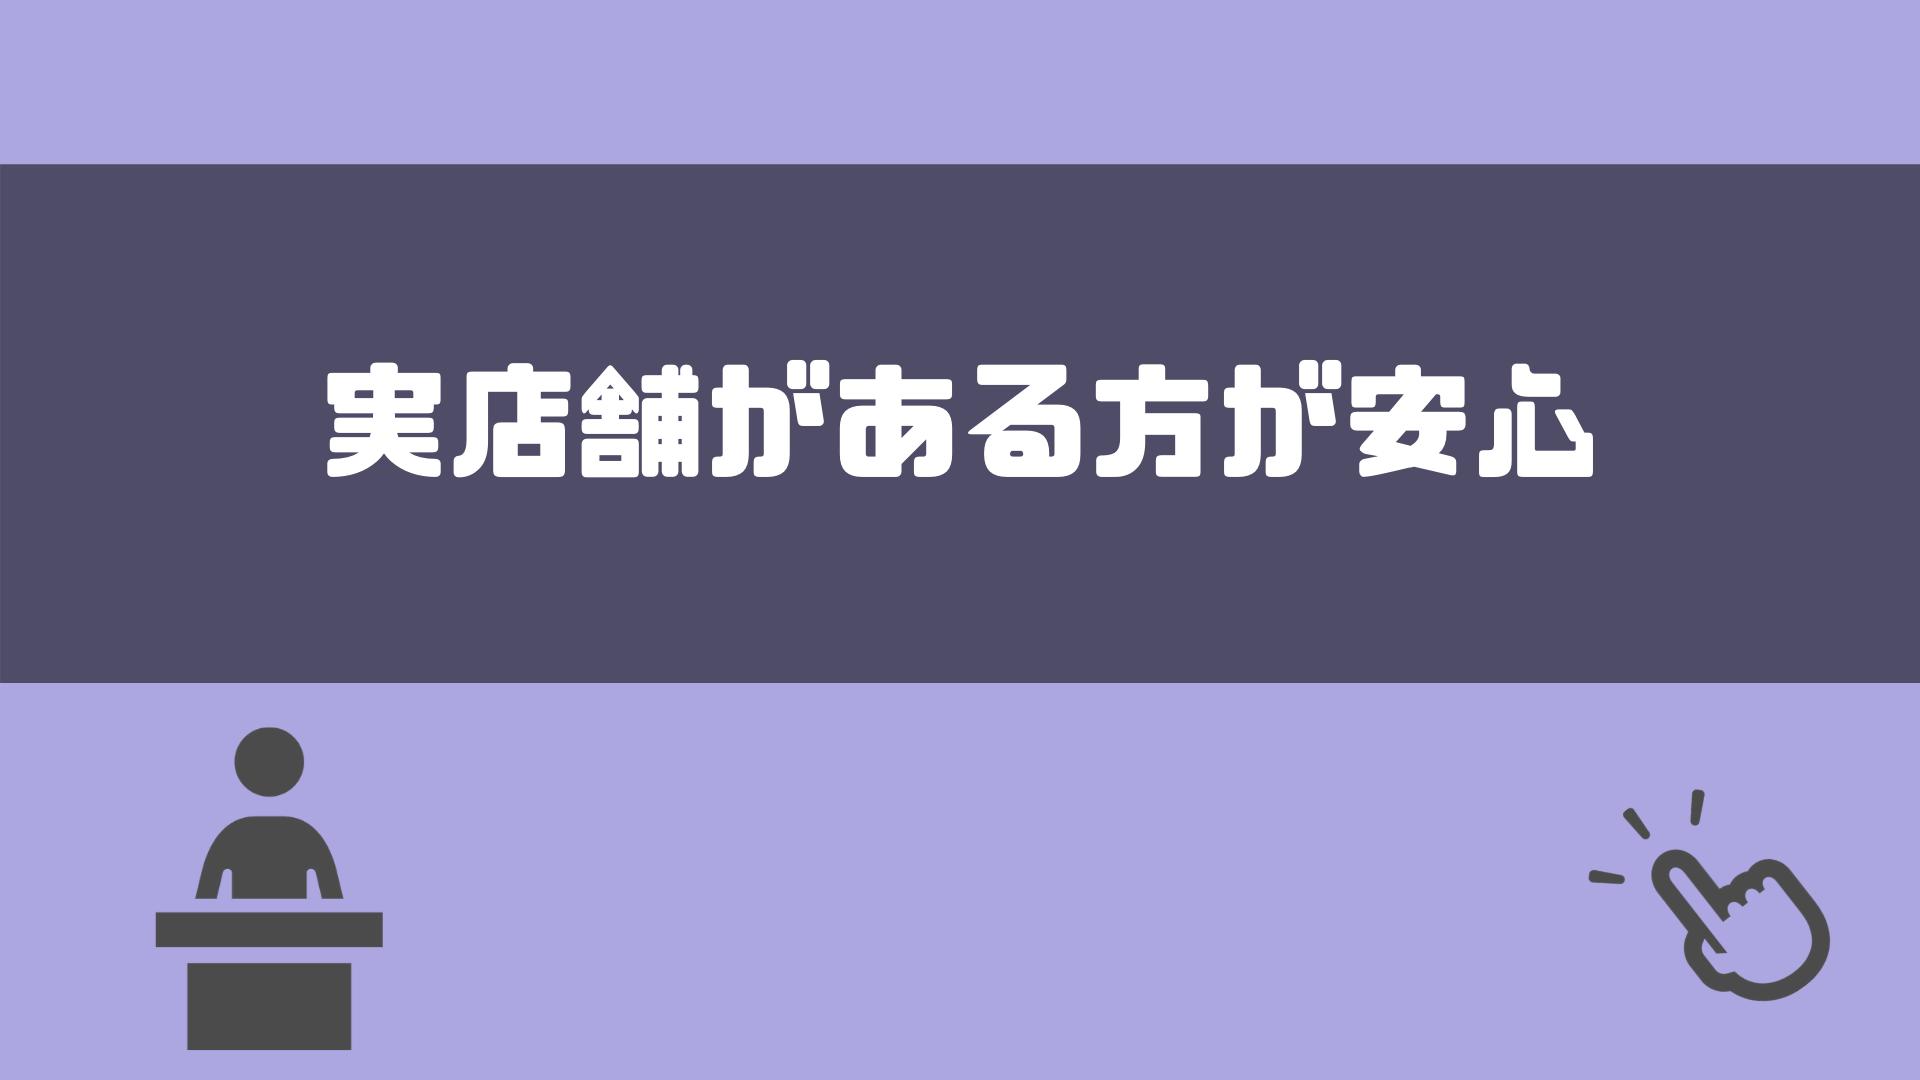 uqモバイル_おすすめな人_実店舗